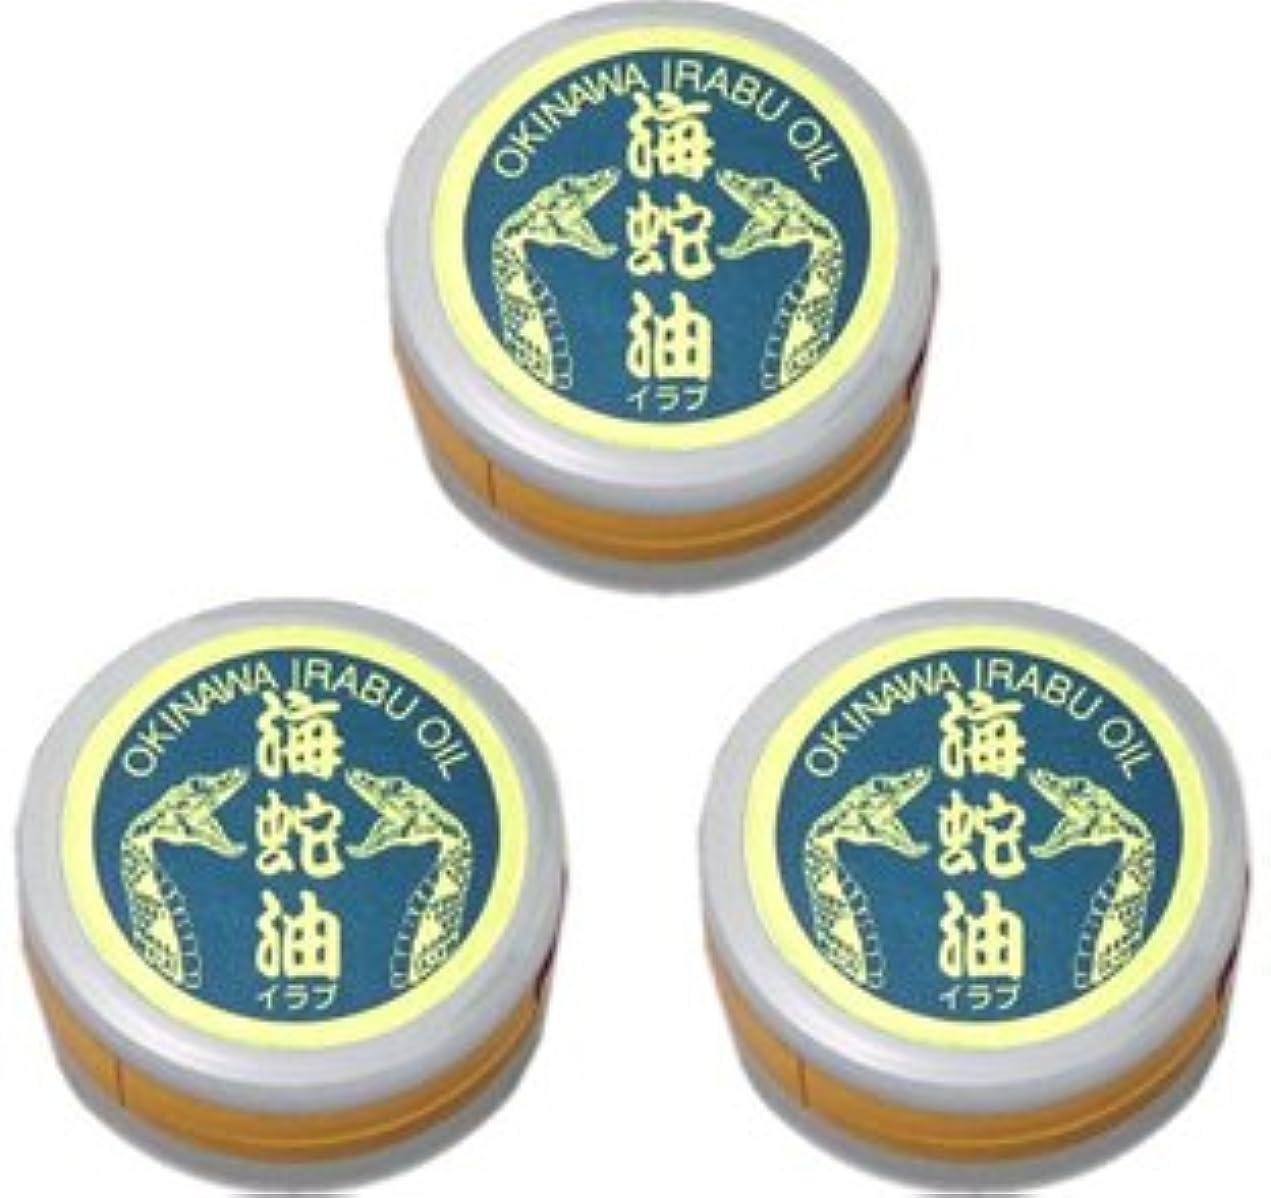 闘争がっかりしたリーフレット沖縄県産100% イラブ油25g/軟膏タイプ 25g×3個 配送レターパック! 代引き?日時指定不可